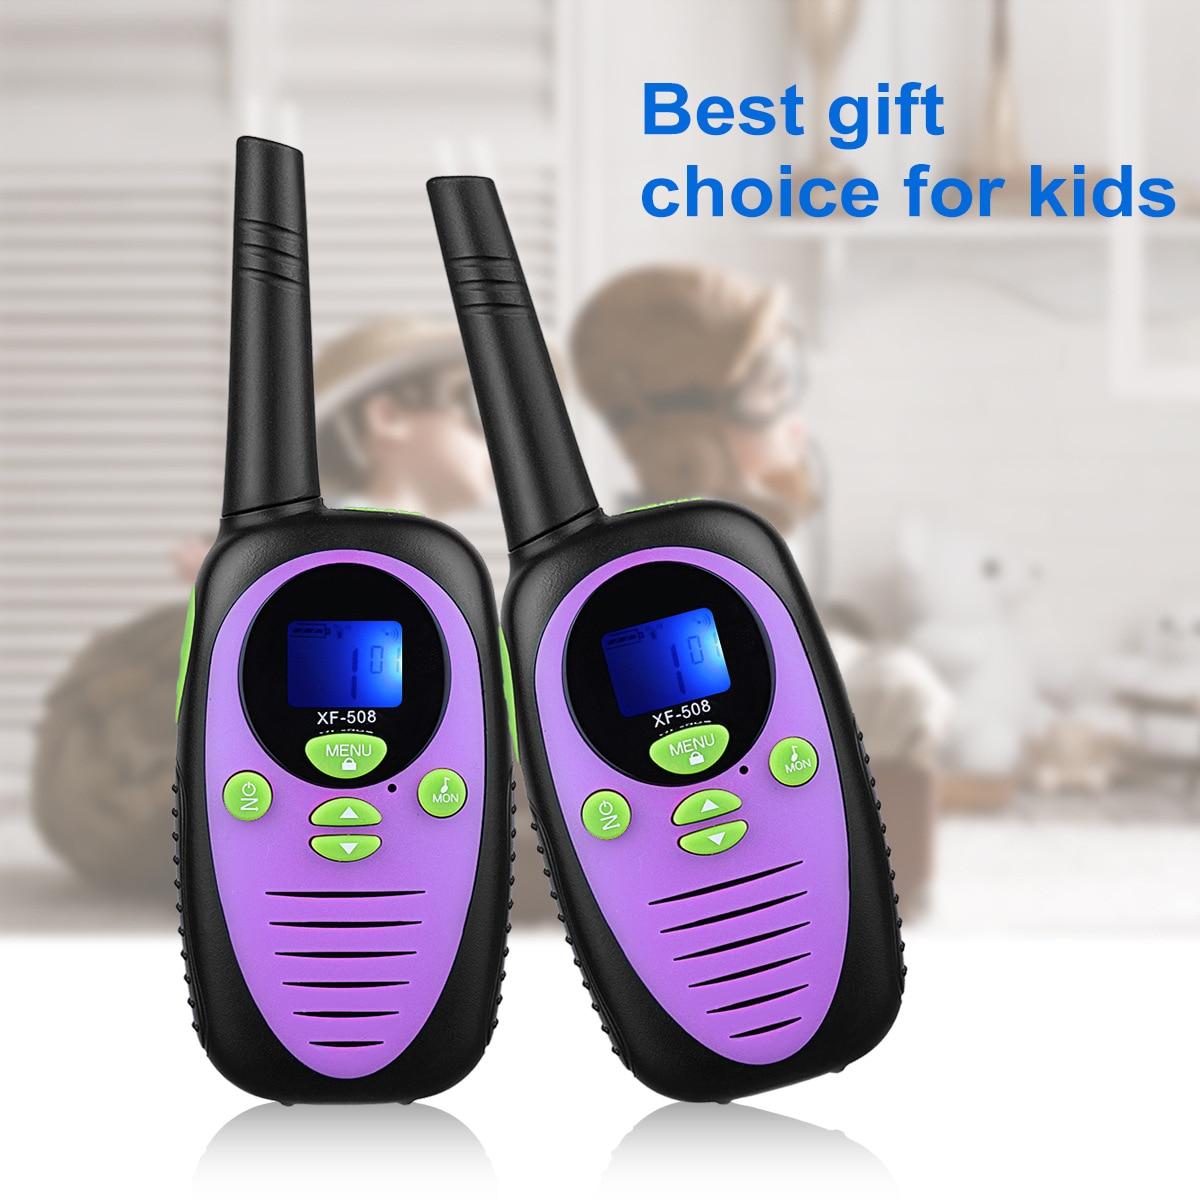 walkie talkie portatil do brinquedo das criancas 0 5 w walkie talkie e conveniente para a